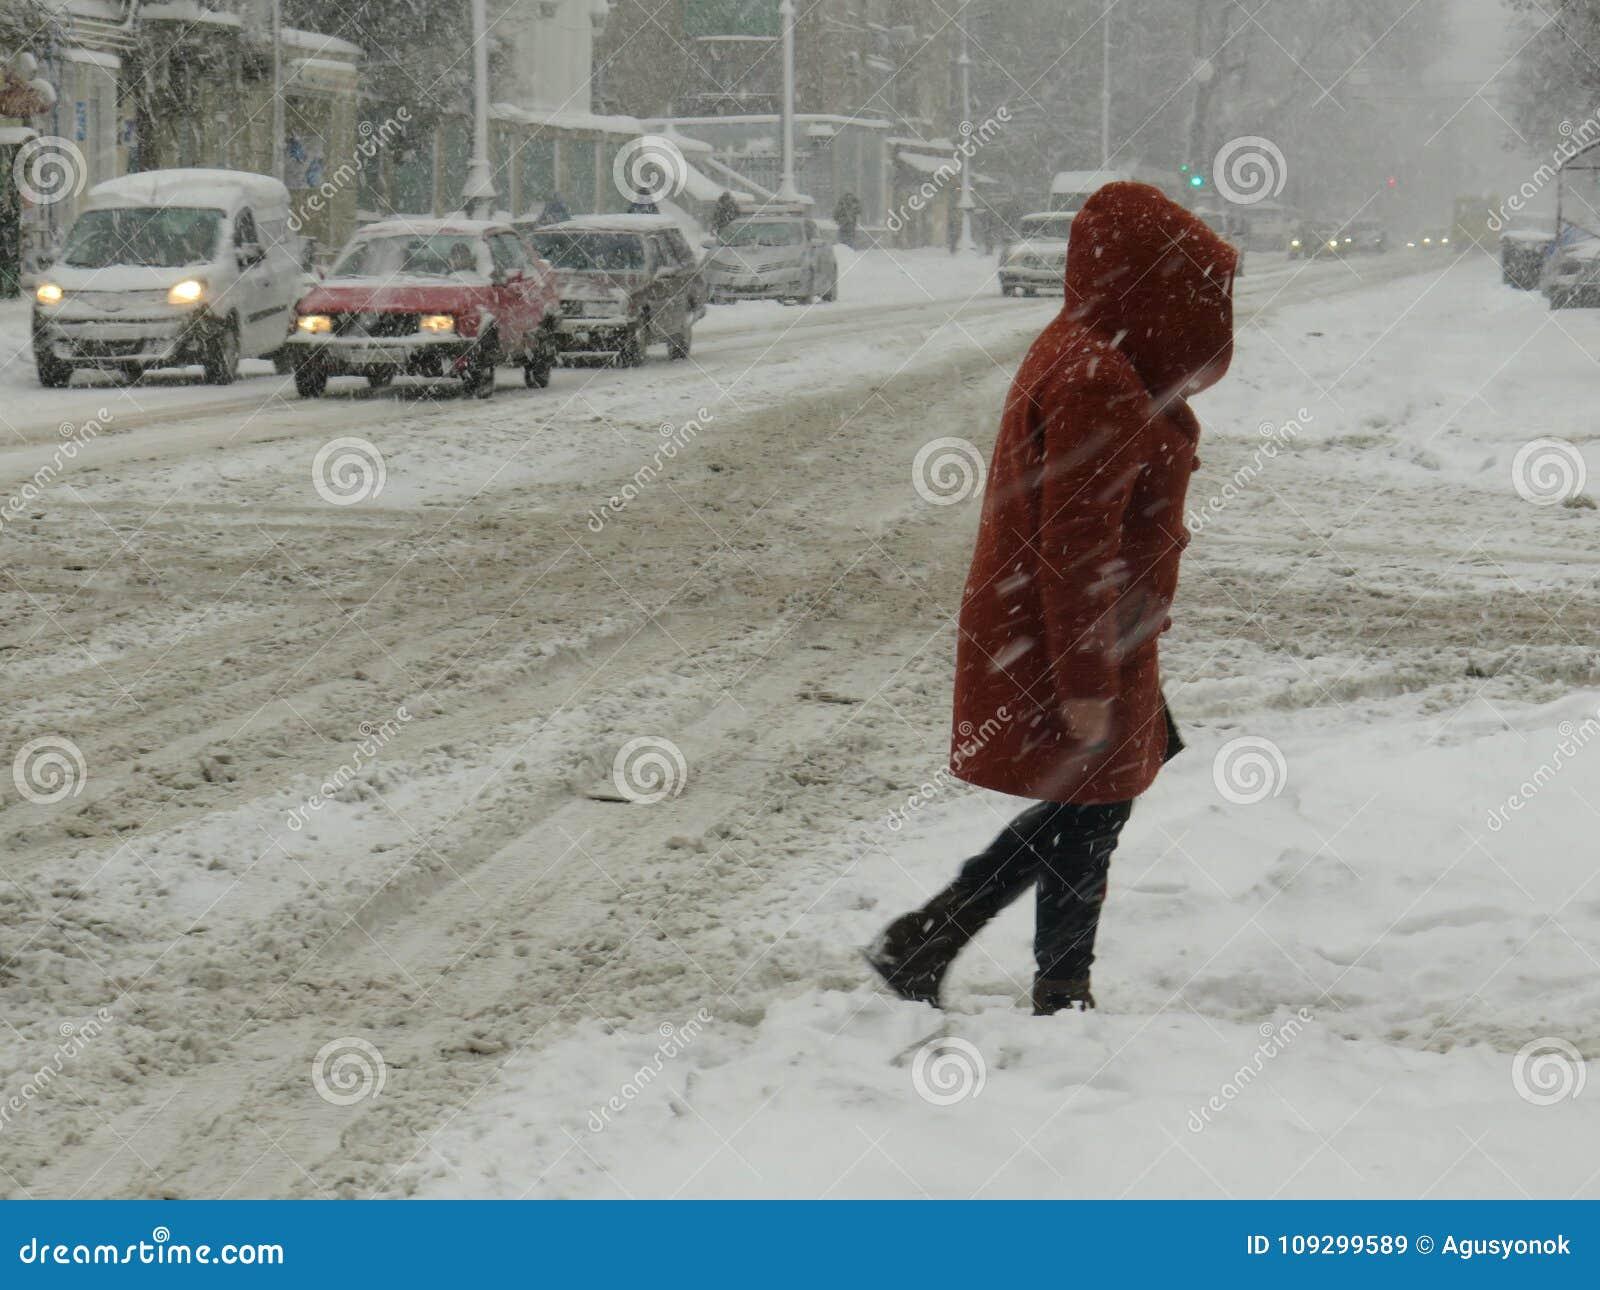 Стихийные бедствия зима overcast, вьюга, сильный снегопад парализовыванные дороги автомобиля города, сброс давления Снег покрыл ц